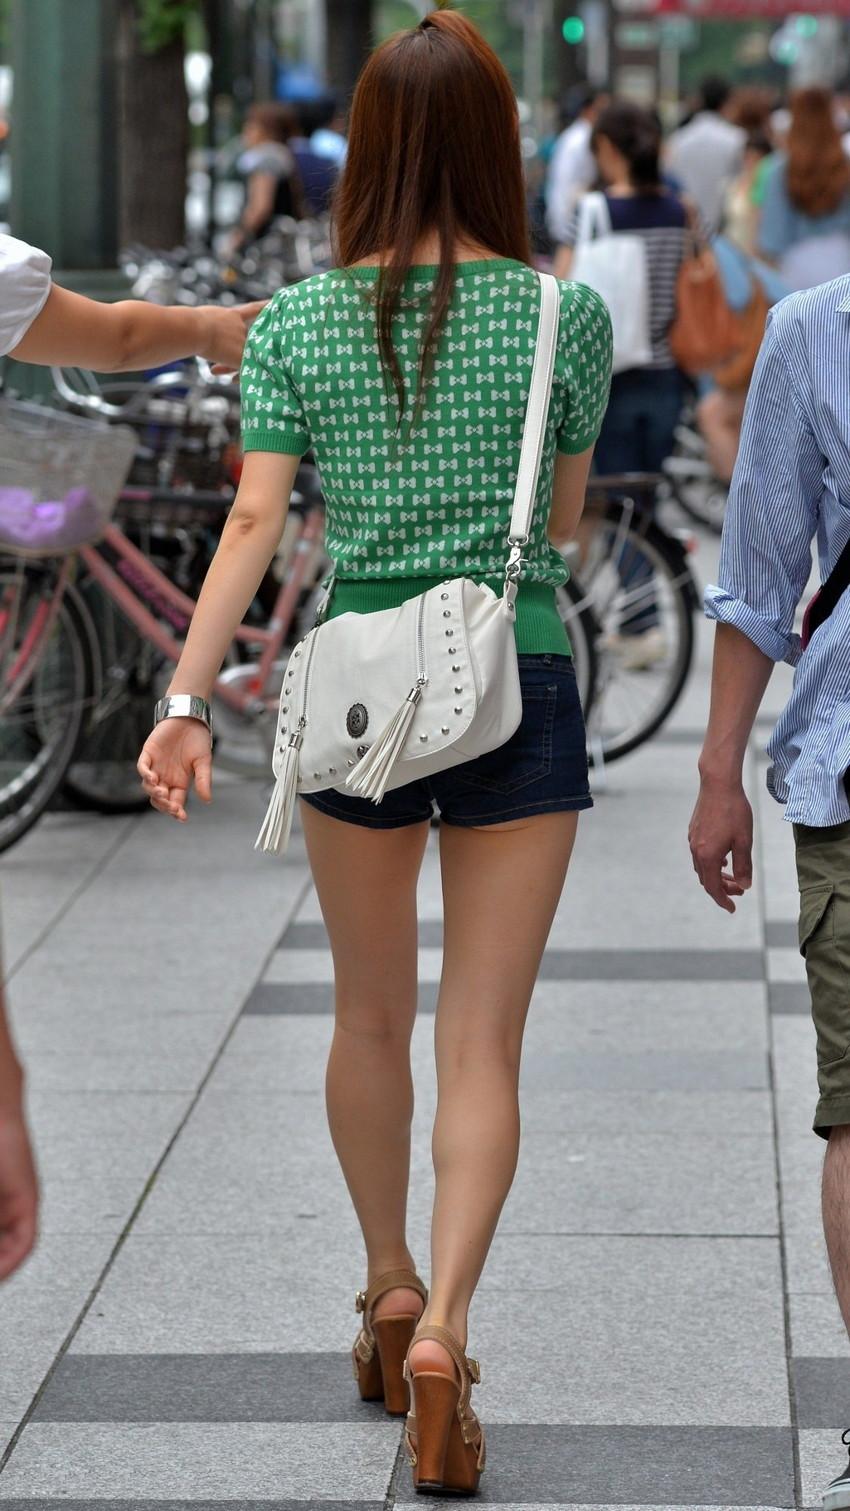 【ホットパンツエロ画像】どうしたって熱い視線で見てしまう街行く女の子達のホットパンツ! 32